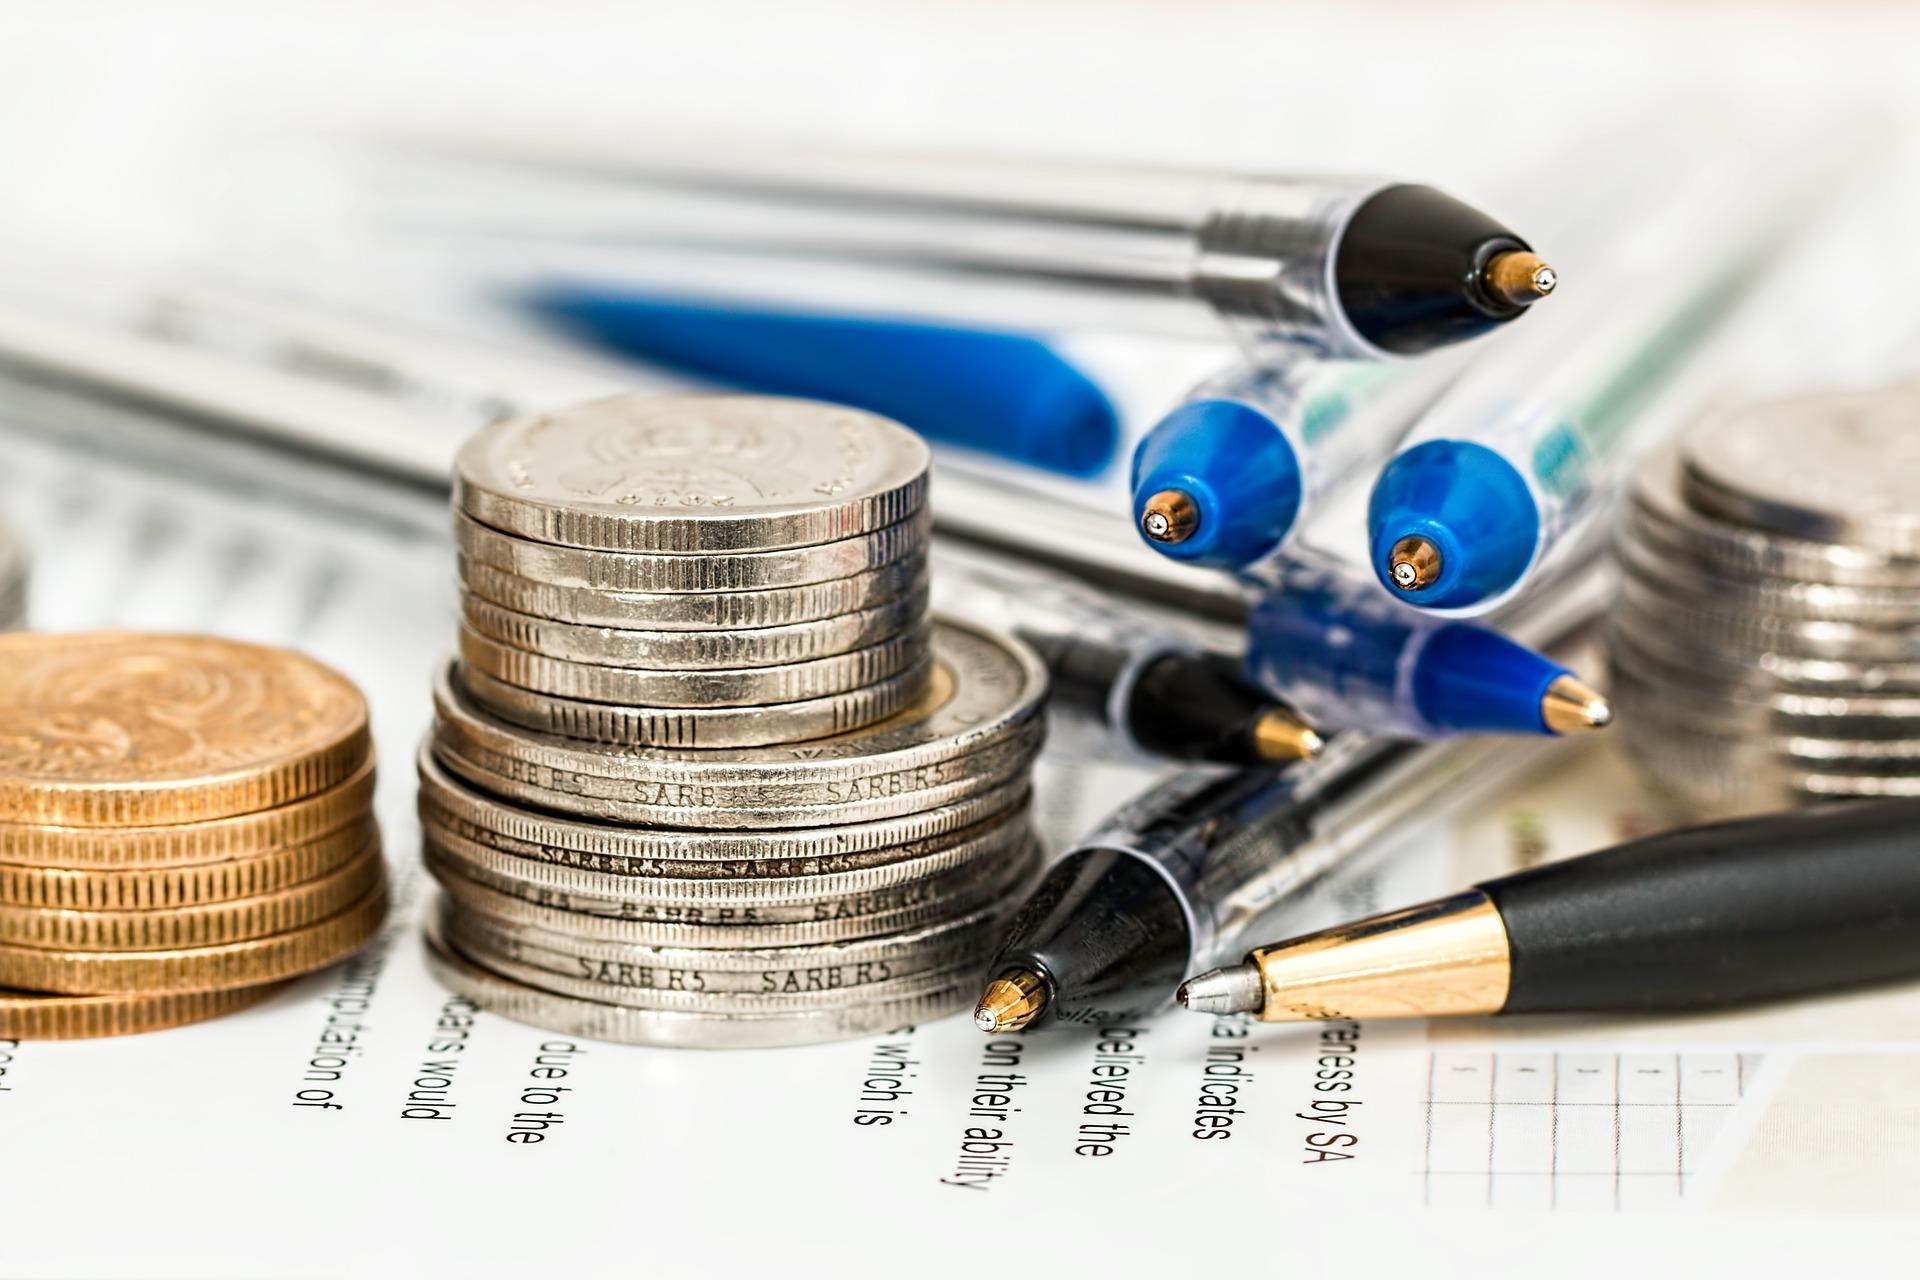 Kein Widerspruch im Prüfungstermin - und die steuerliche Haftung